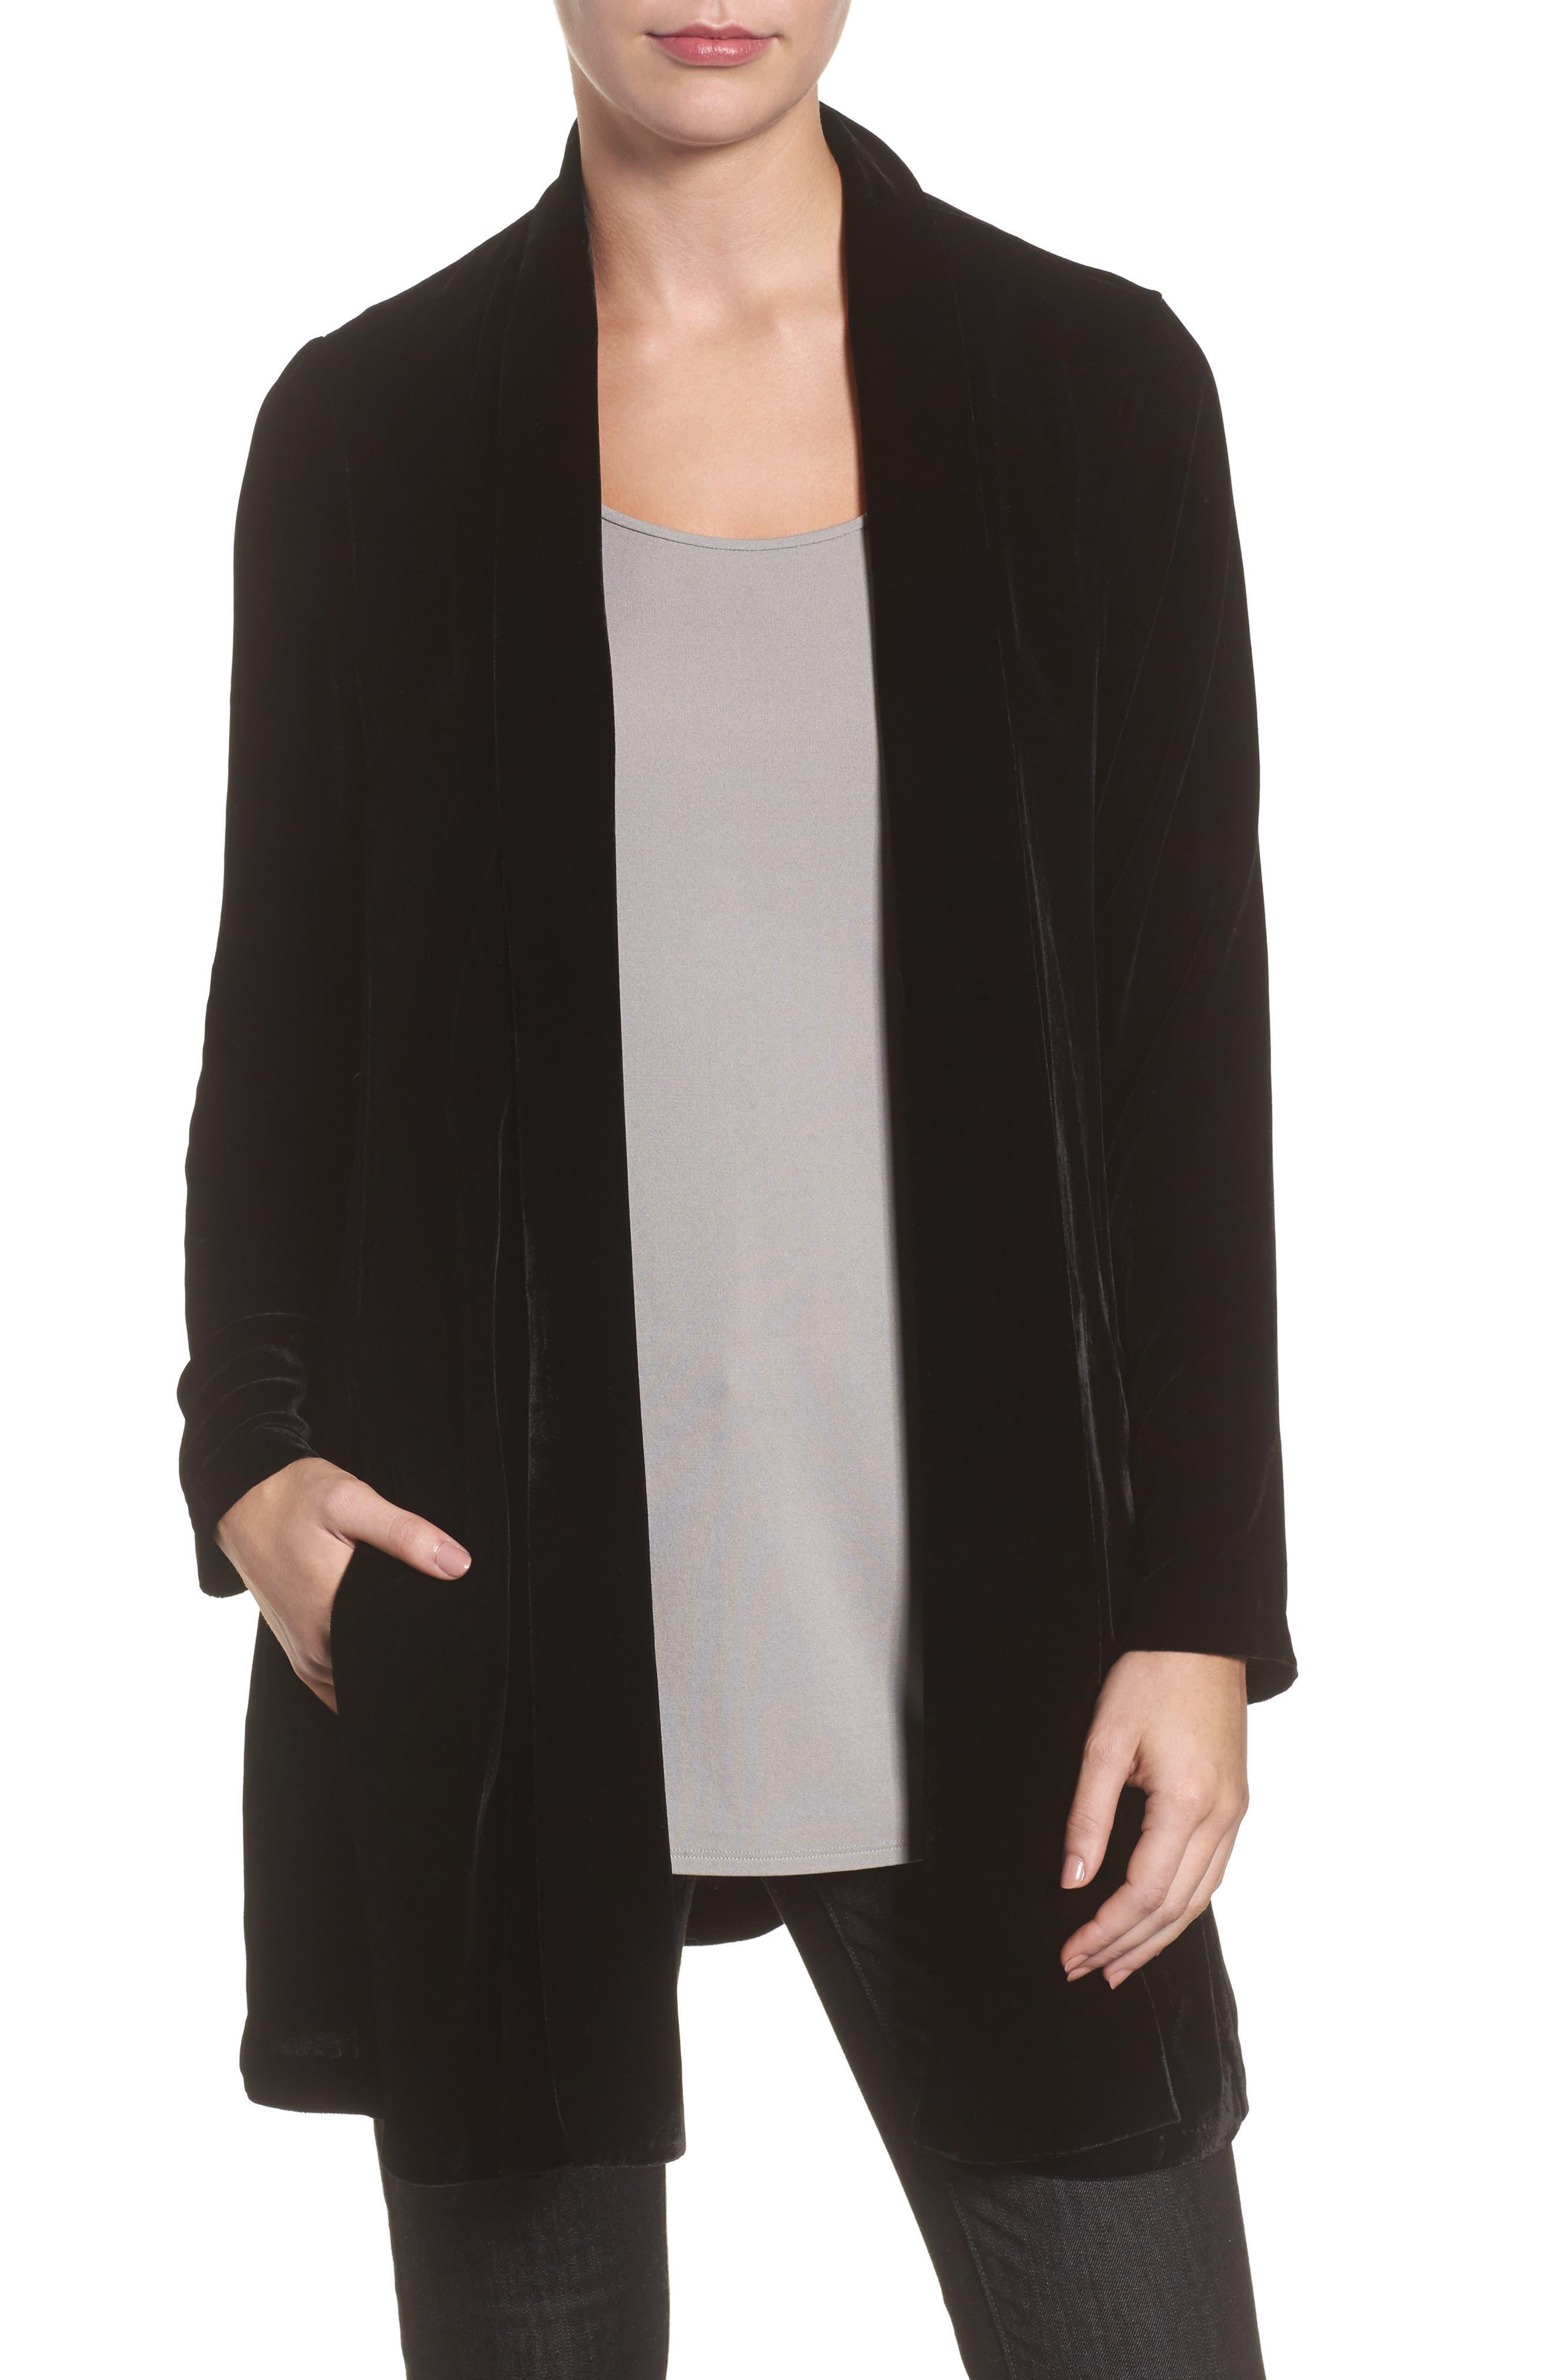 Eileen fisher black swing coat